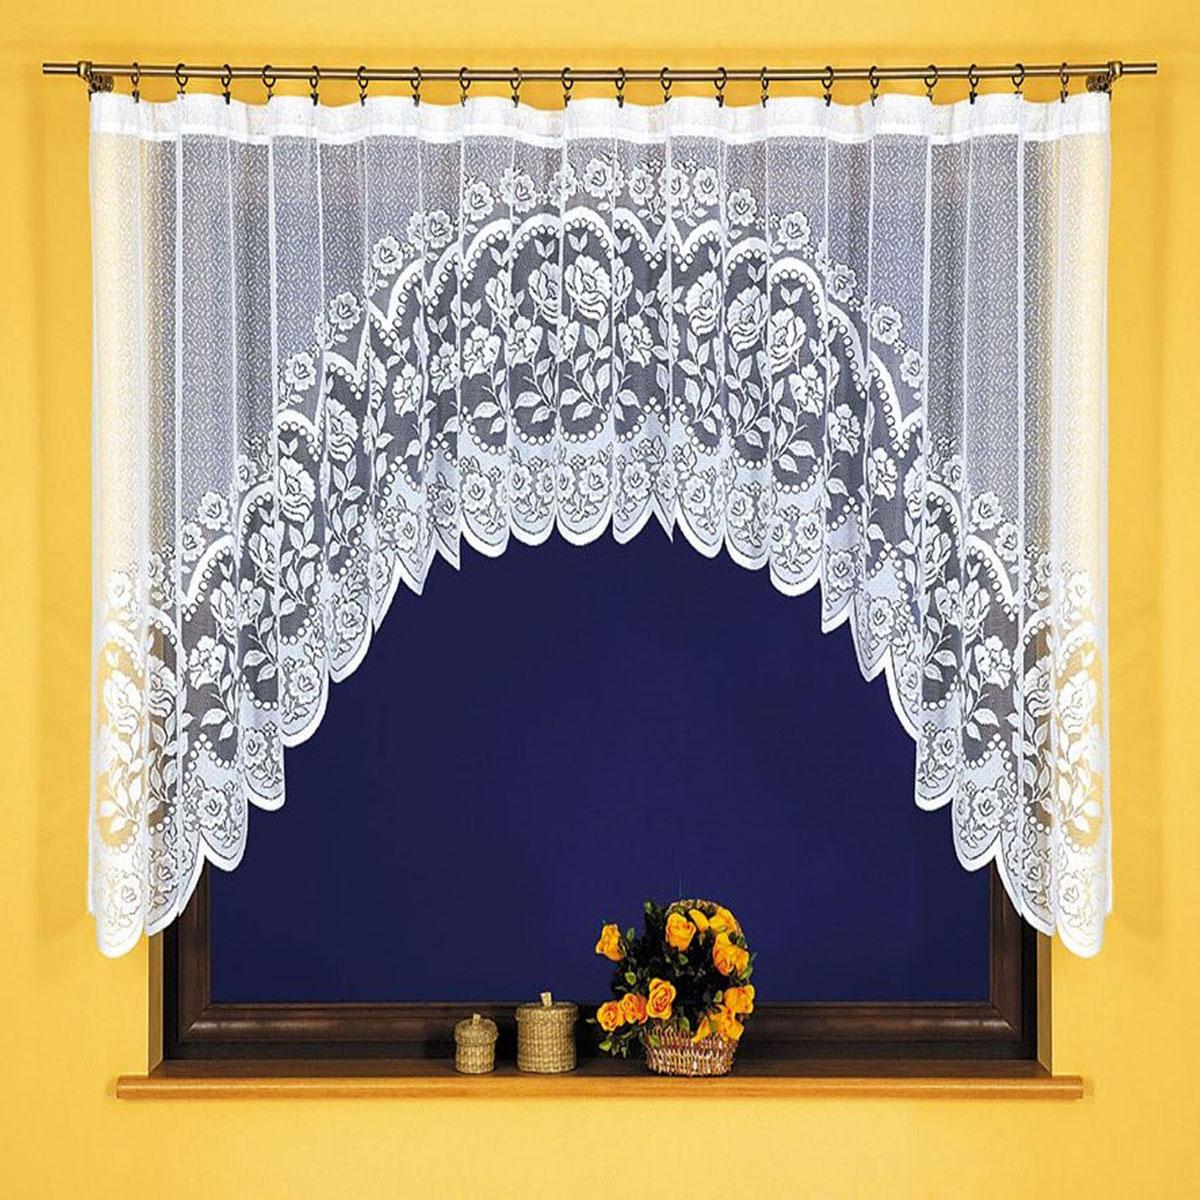 Штора для кухни Wisan, цвет: белый, высота 120 см. 22812281Штора-арка Wisan, выполненная из легкого полупрозрачного полиэстера белого цвета, станет великолепным украшением кухонного окна. Изделие имеет ассиметричную длину и красивый цветочный рисунок по всей поверхности полотна. Качественный материал и оригинальный дизайн привлекут к себе внимание и позволят шторе органично вписаться в интерьер помещения.